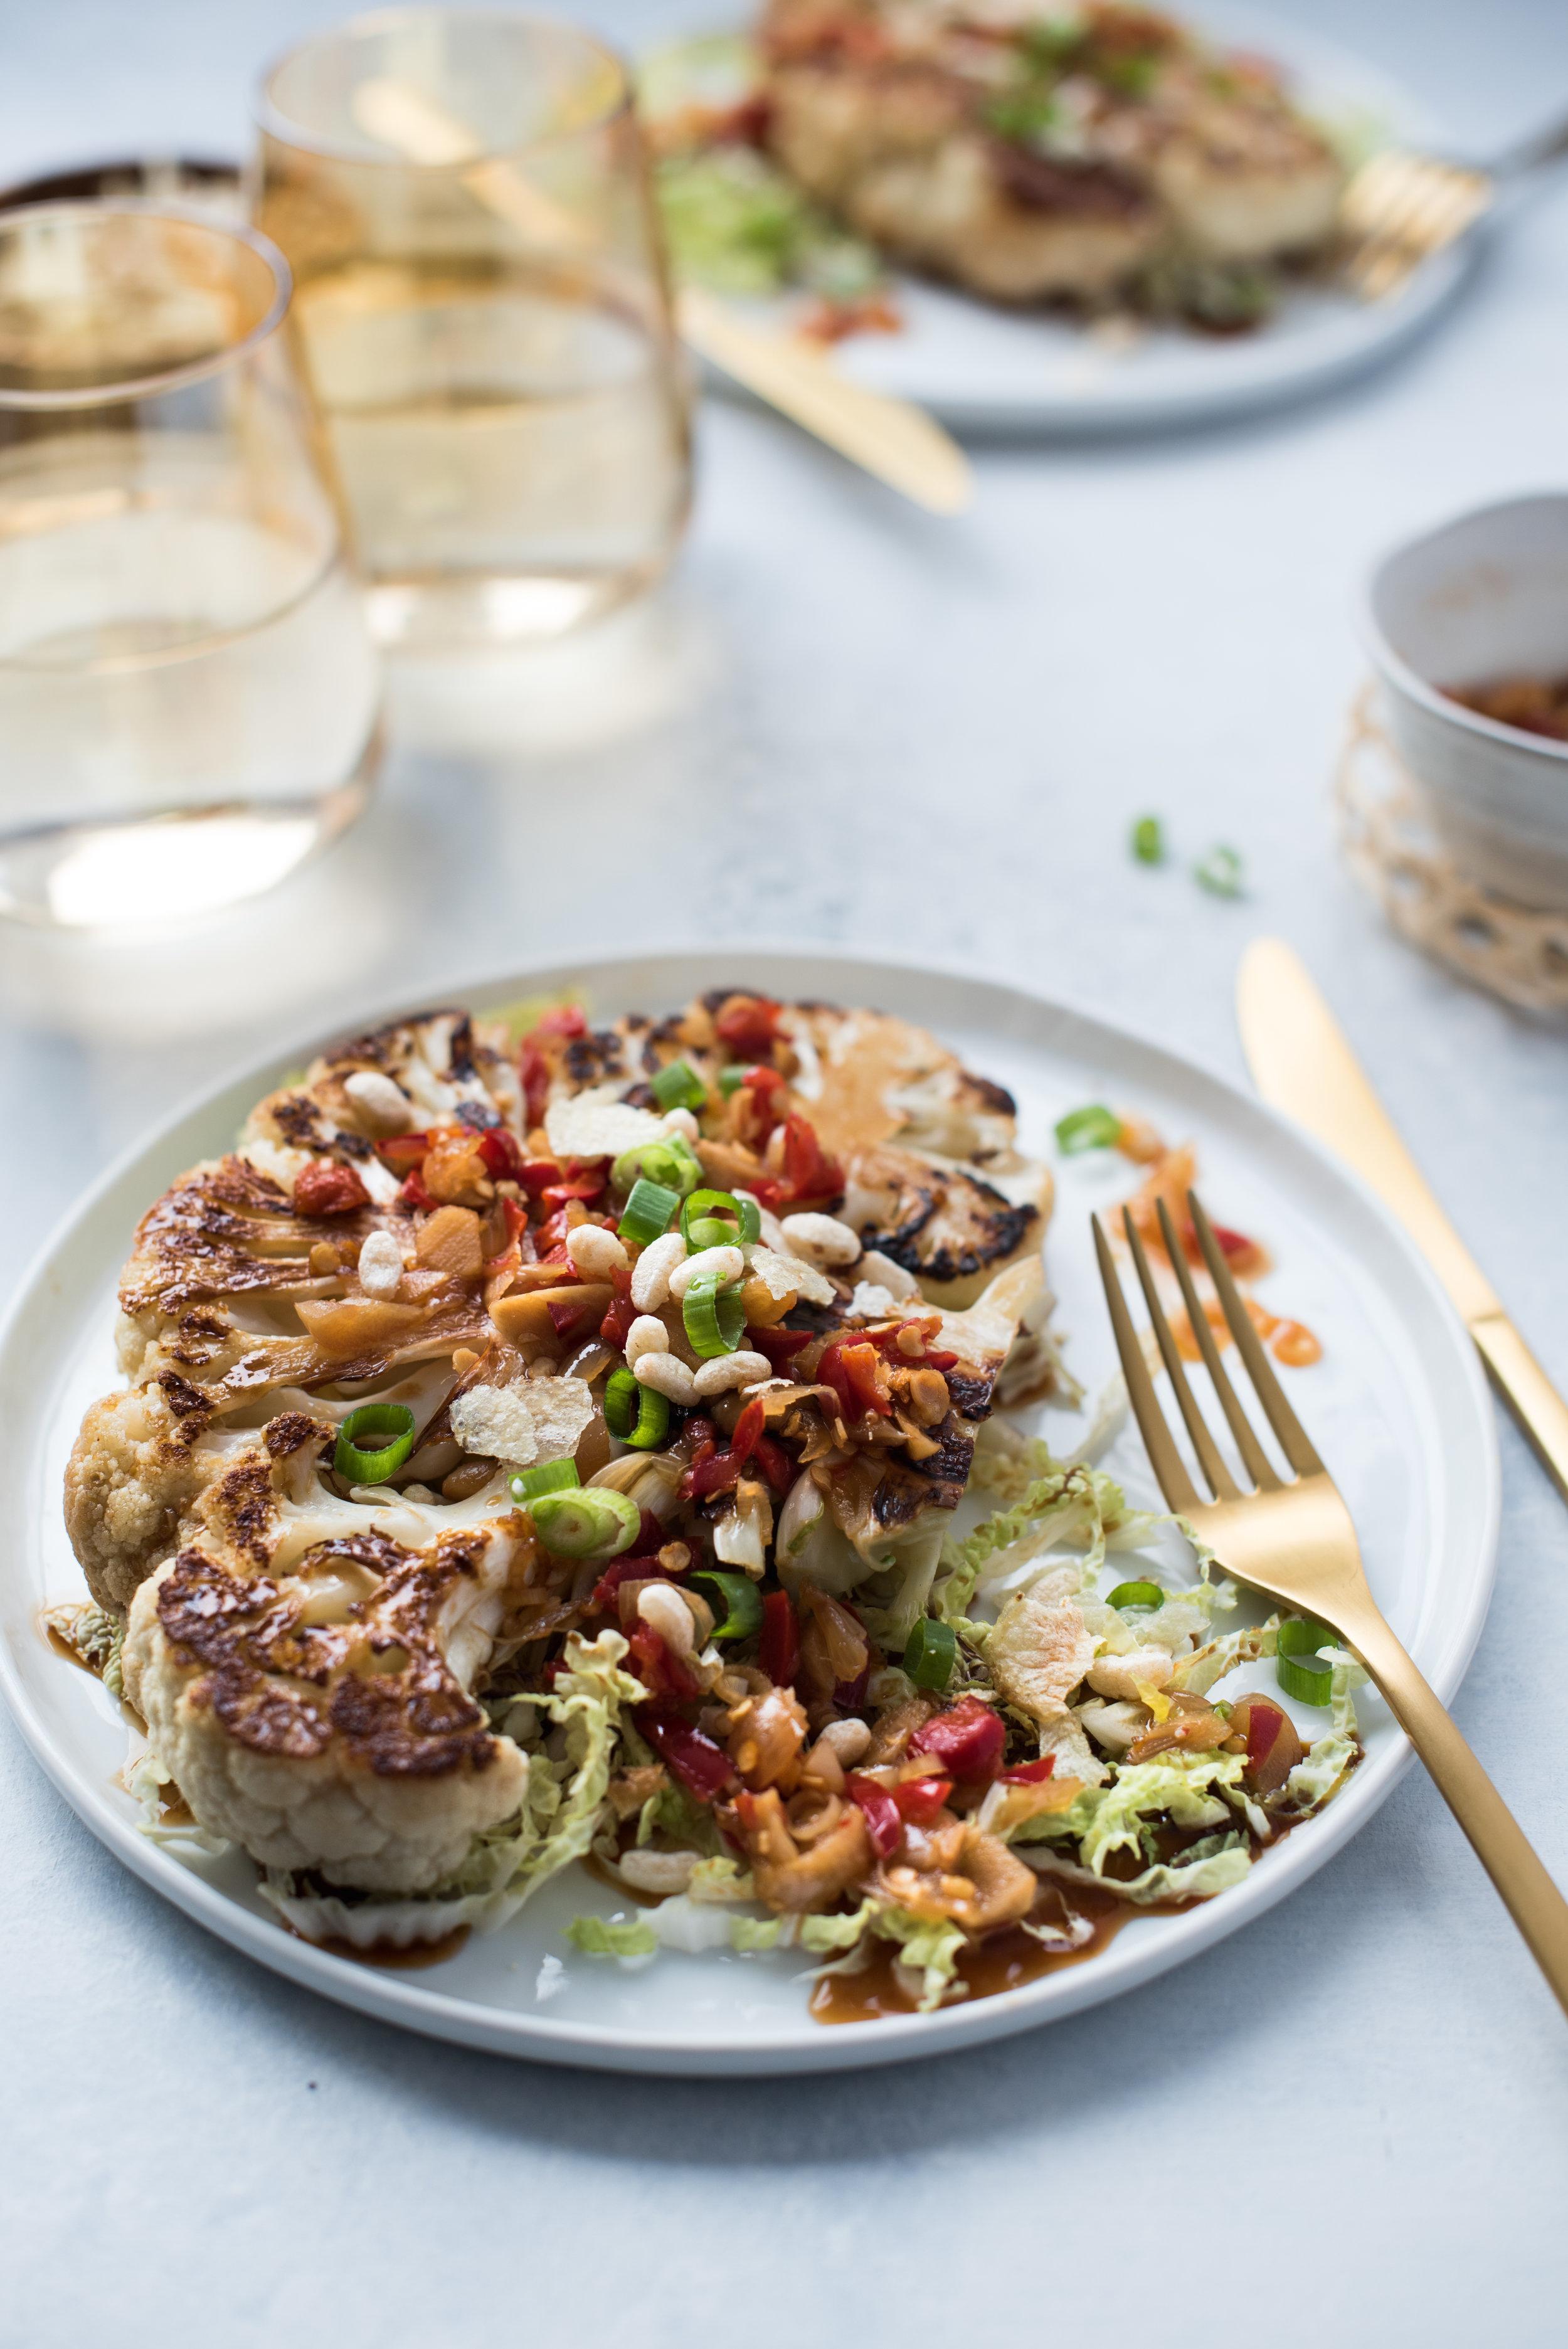 fried cauliflower salad sambal matah-8633.jpg